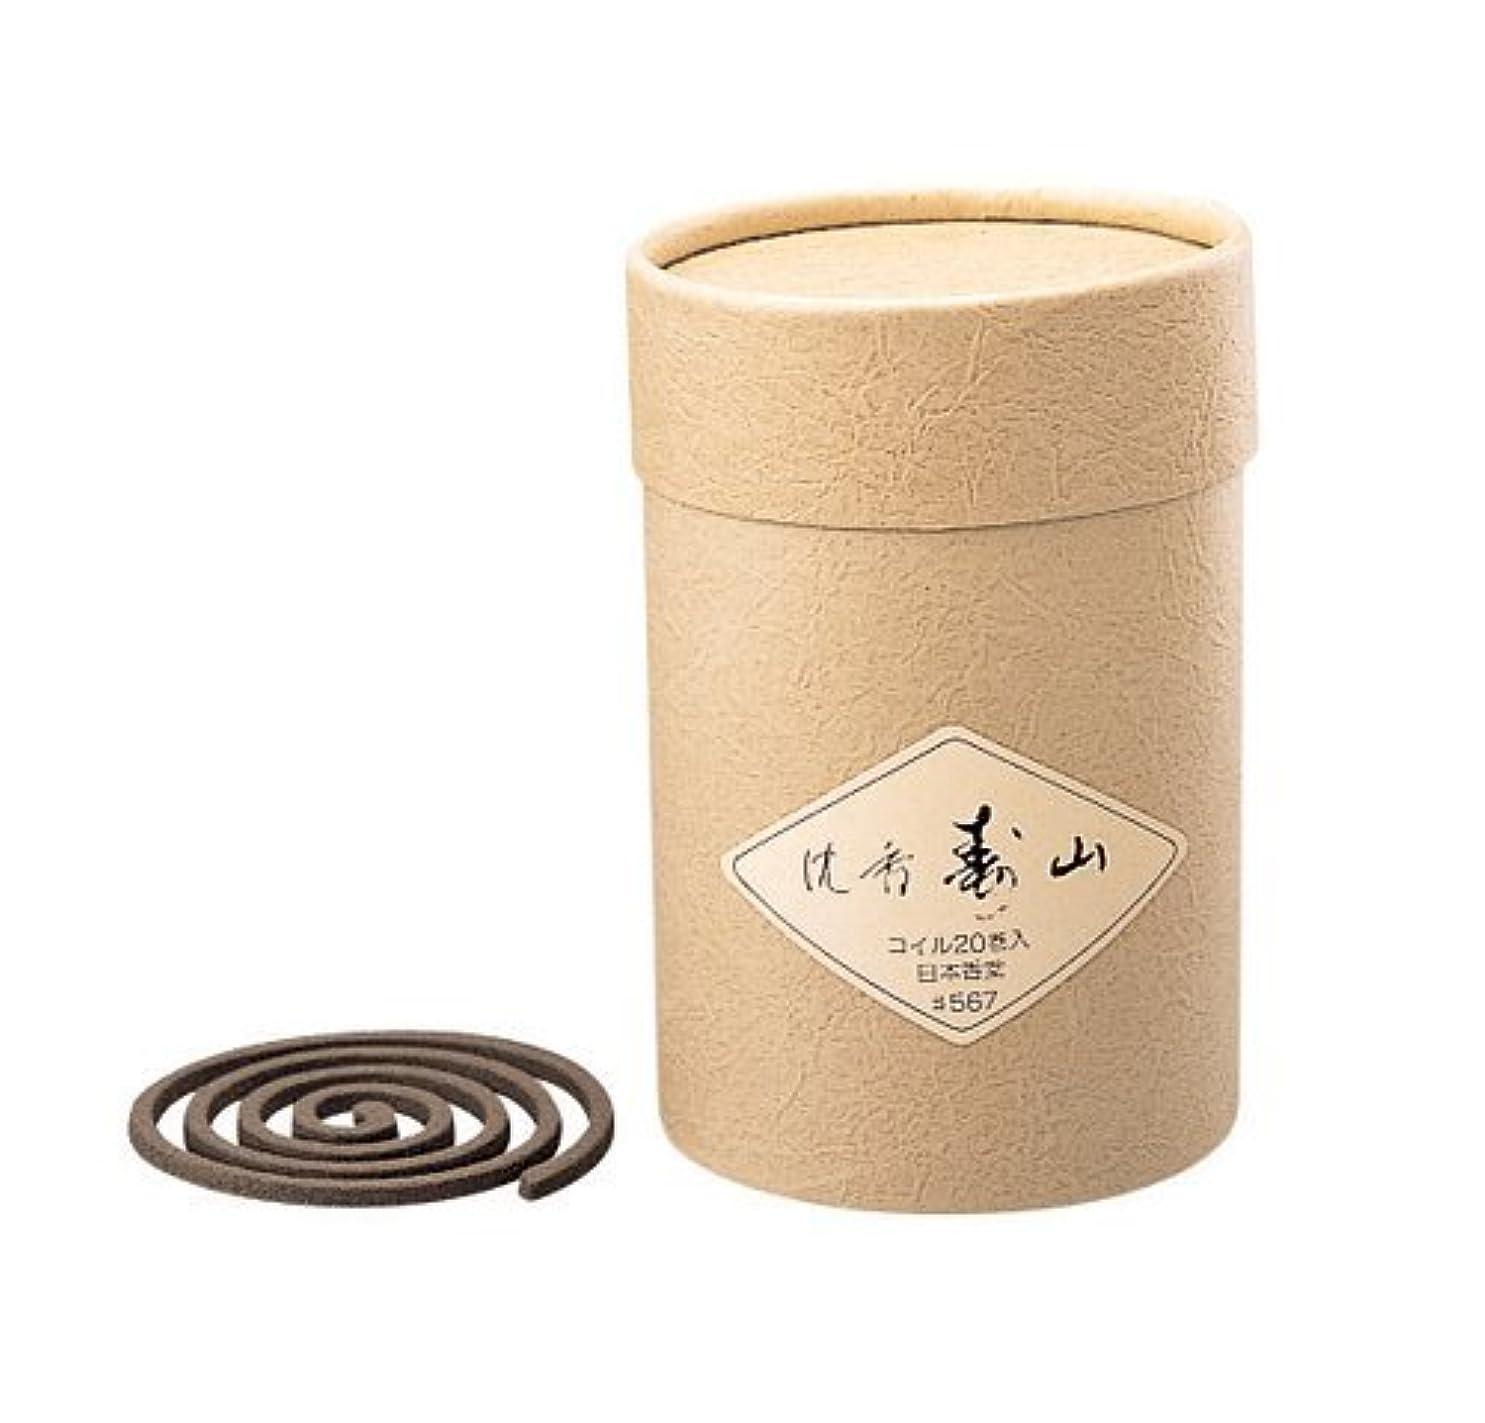 失う抽象化アプト香木の香りのお香 沈香寿山 コイル20巻入【お香】